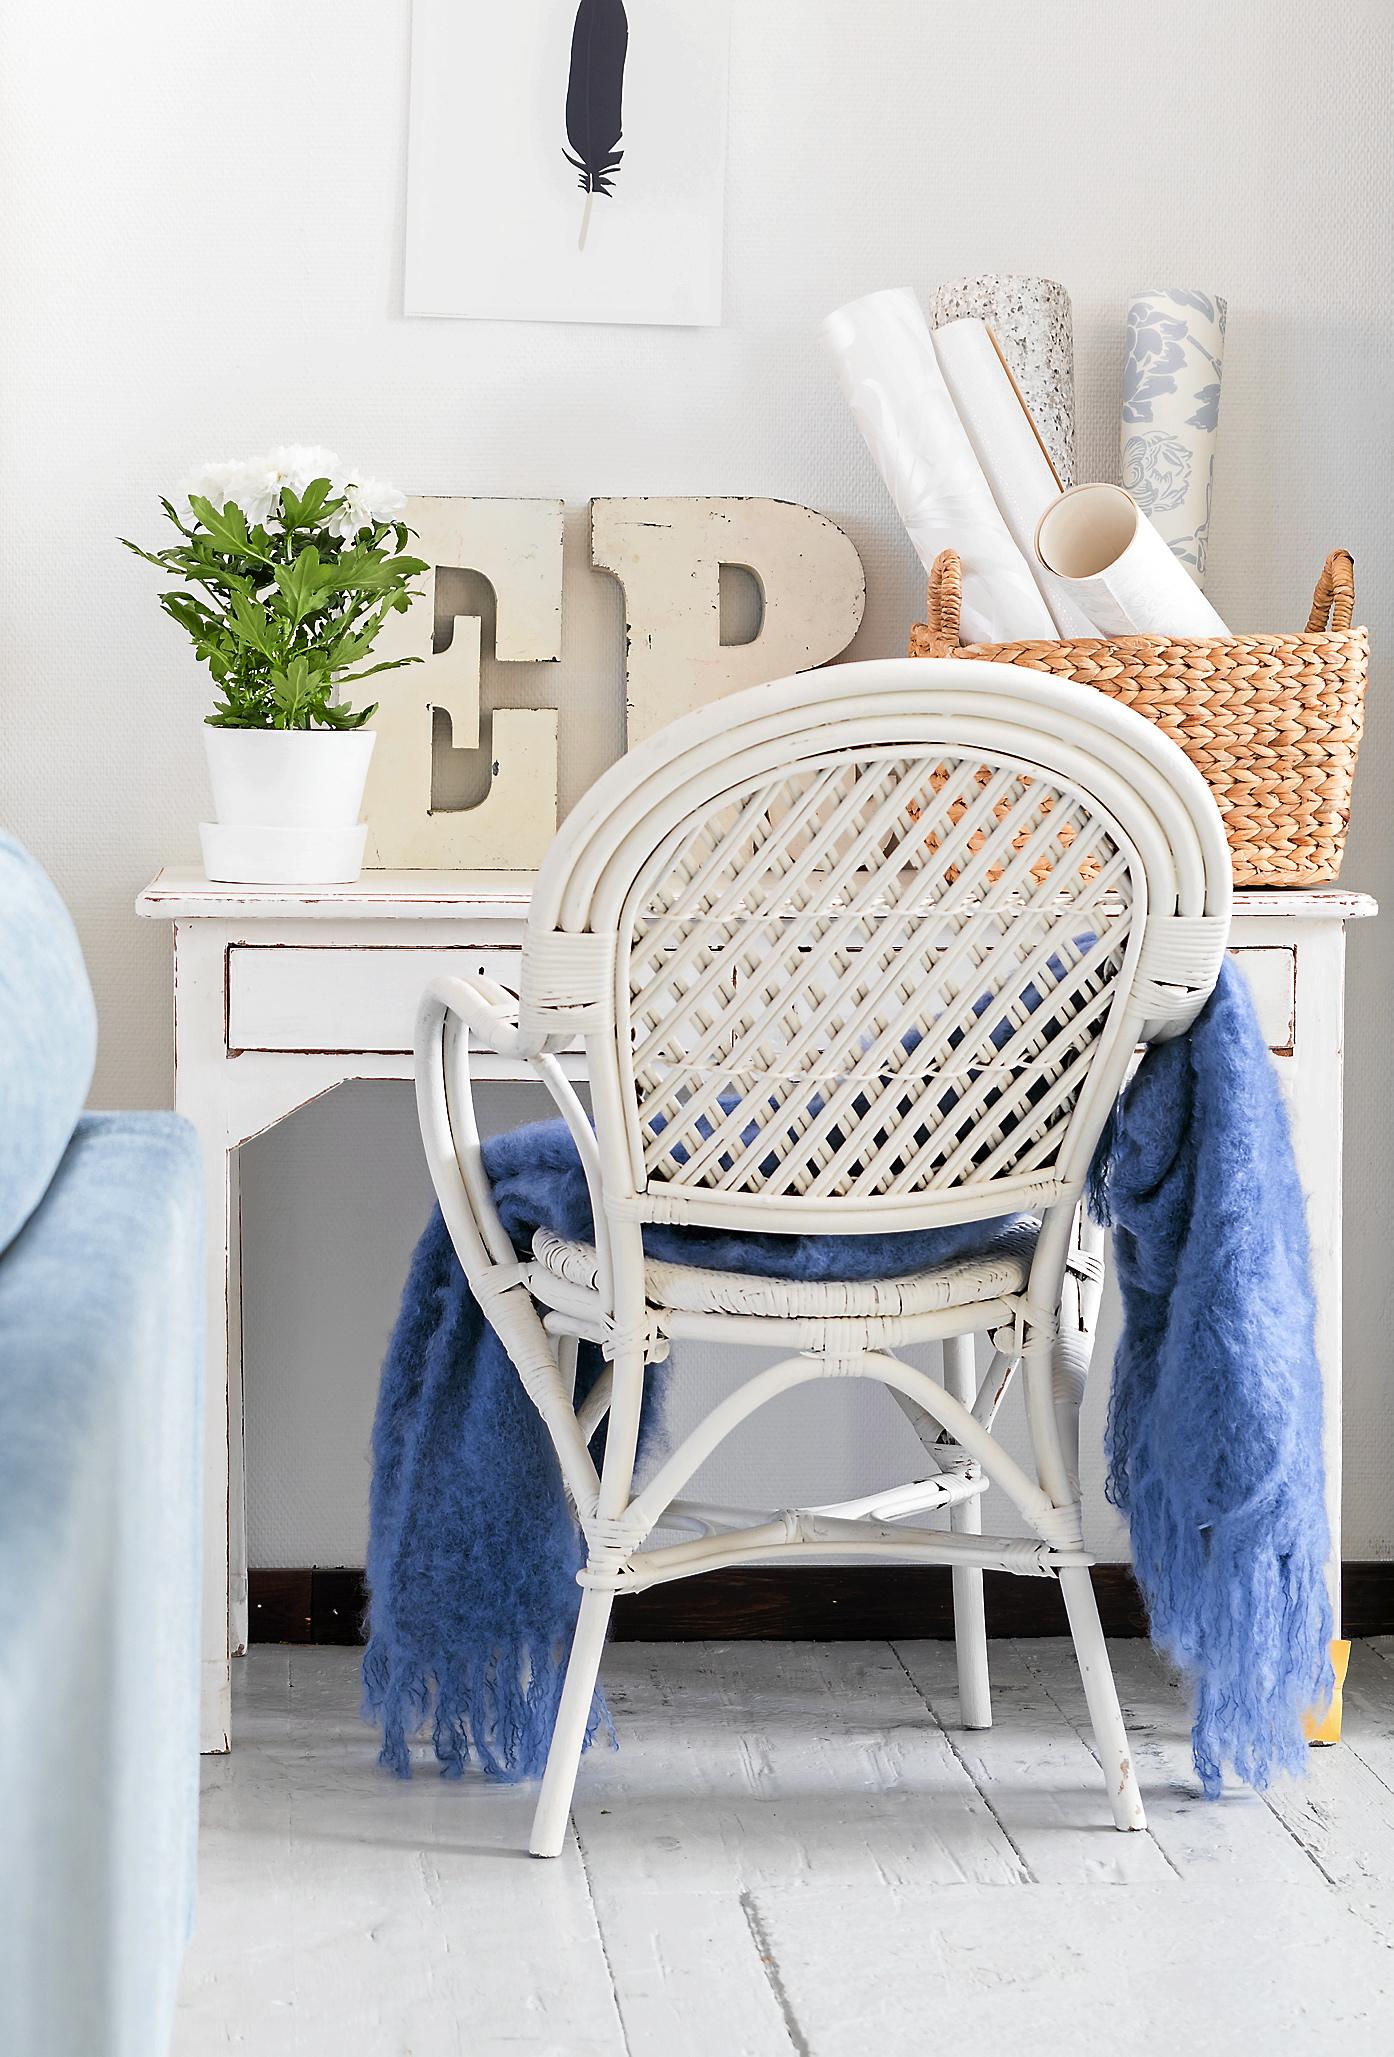 Stolen är ett loppisfynd som målats med Jotuns helmatta snickerifärg Skandinaviskt ljus, 1 073 kr för 2,7 liter. Pläd 1 990 kr, Bruka. Skrivbord, 3995 kr, Soulo-sofie.com. Fjäderbild, 59 kr för två, Ikea. Korg, 299 kr, H&M Home.